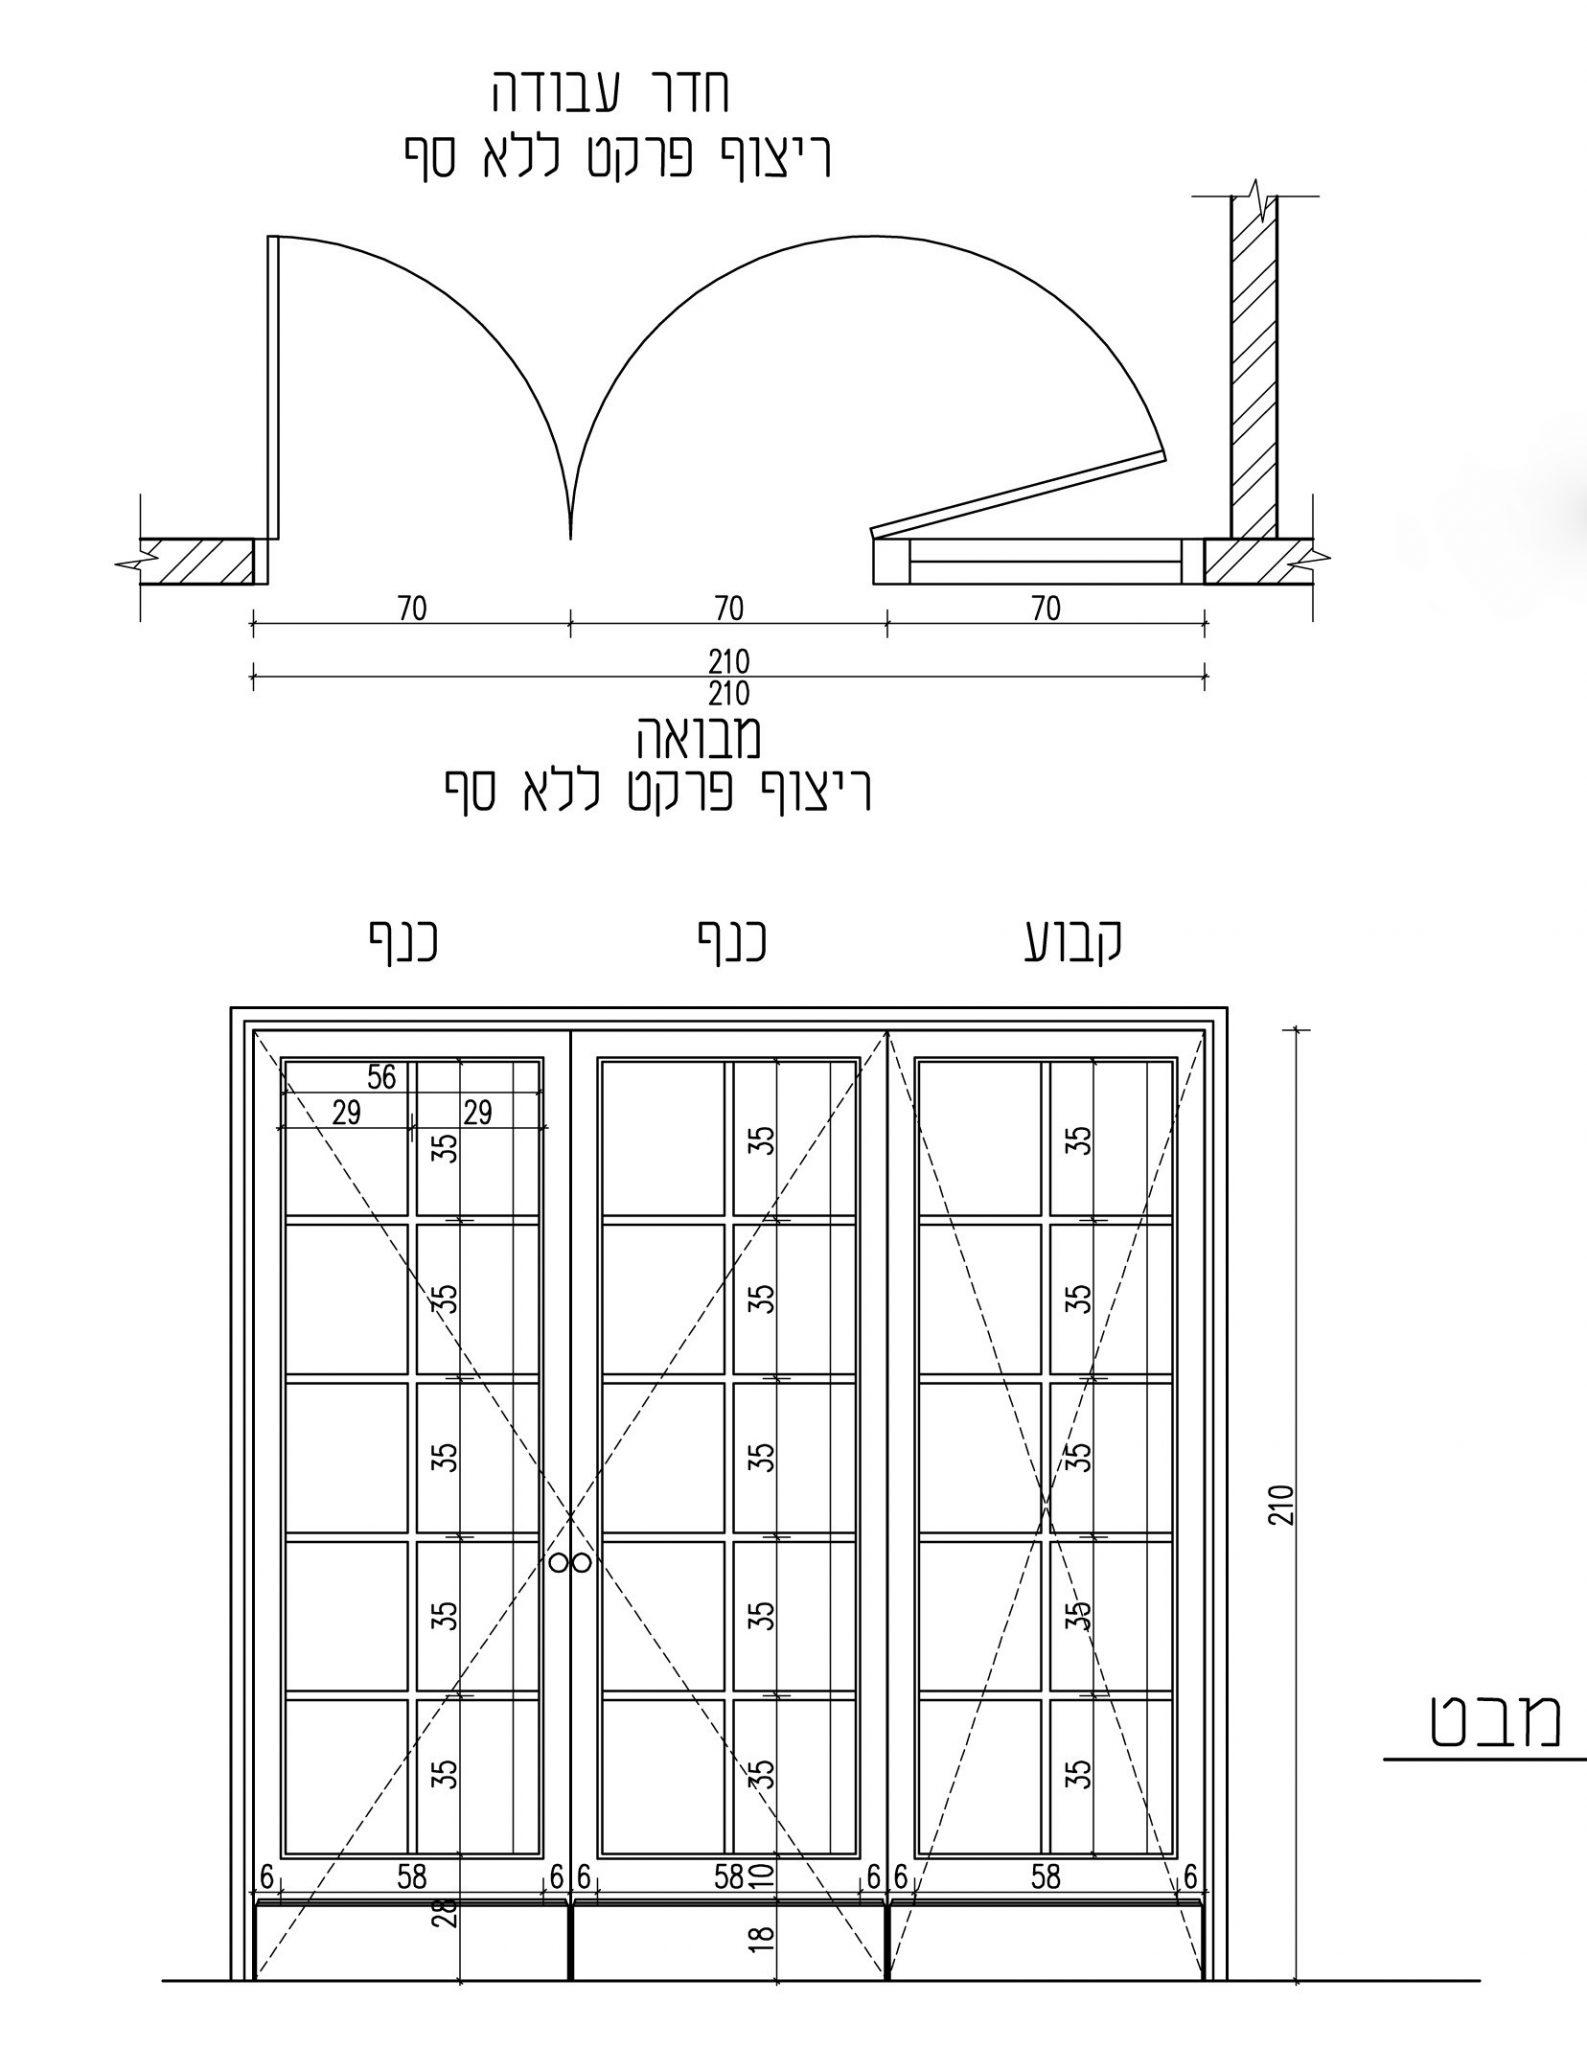 בית רמת פולג - פרט דלת חדר עבודה